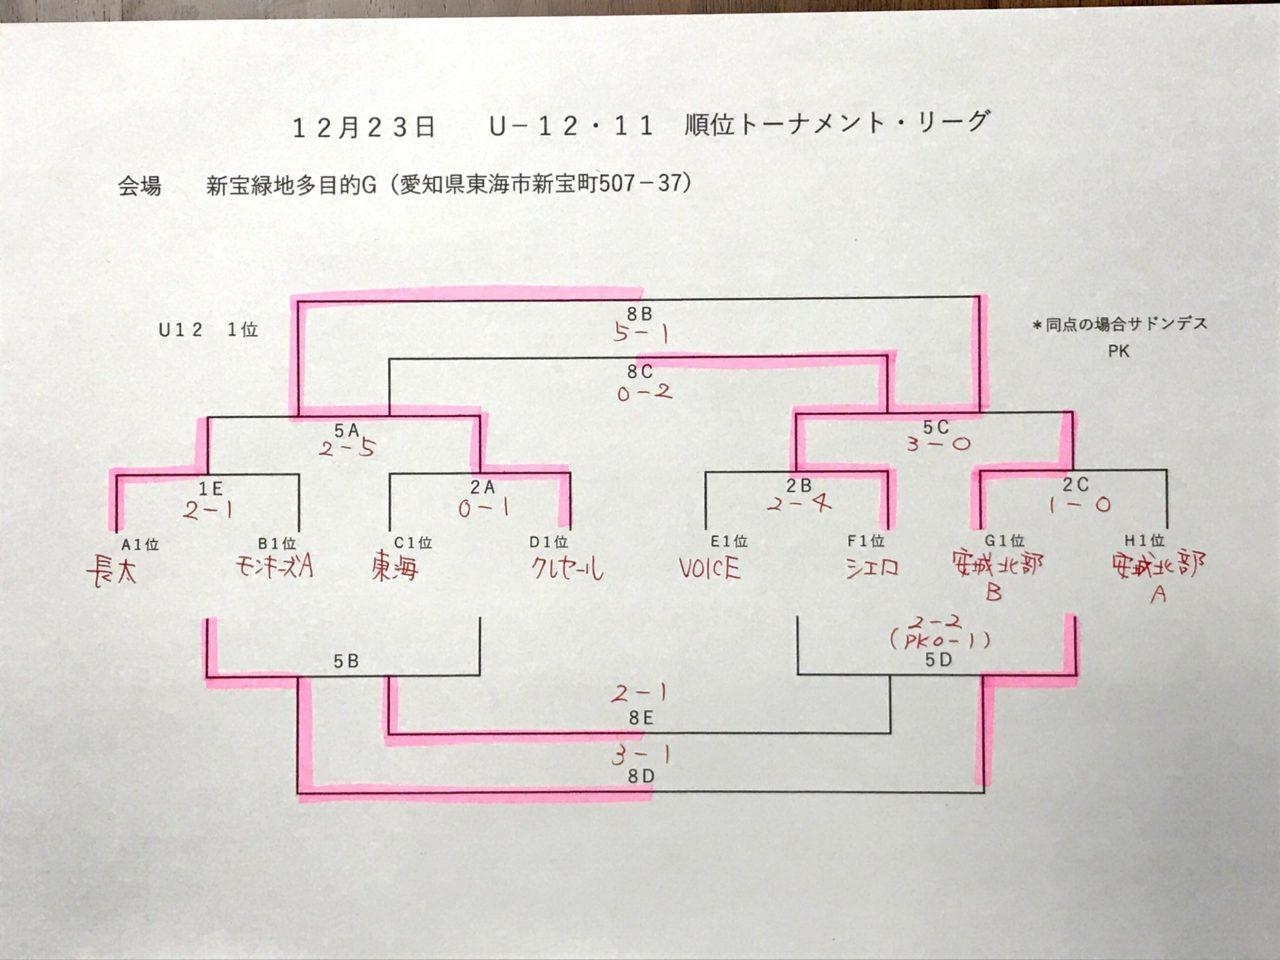 DCA46F76-415B-431E-BA12-30A350A54B30-1280x960.jpeg